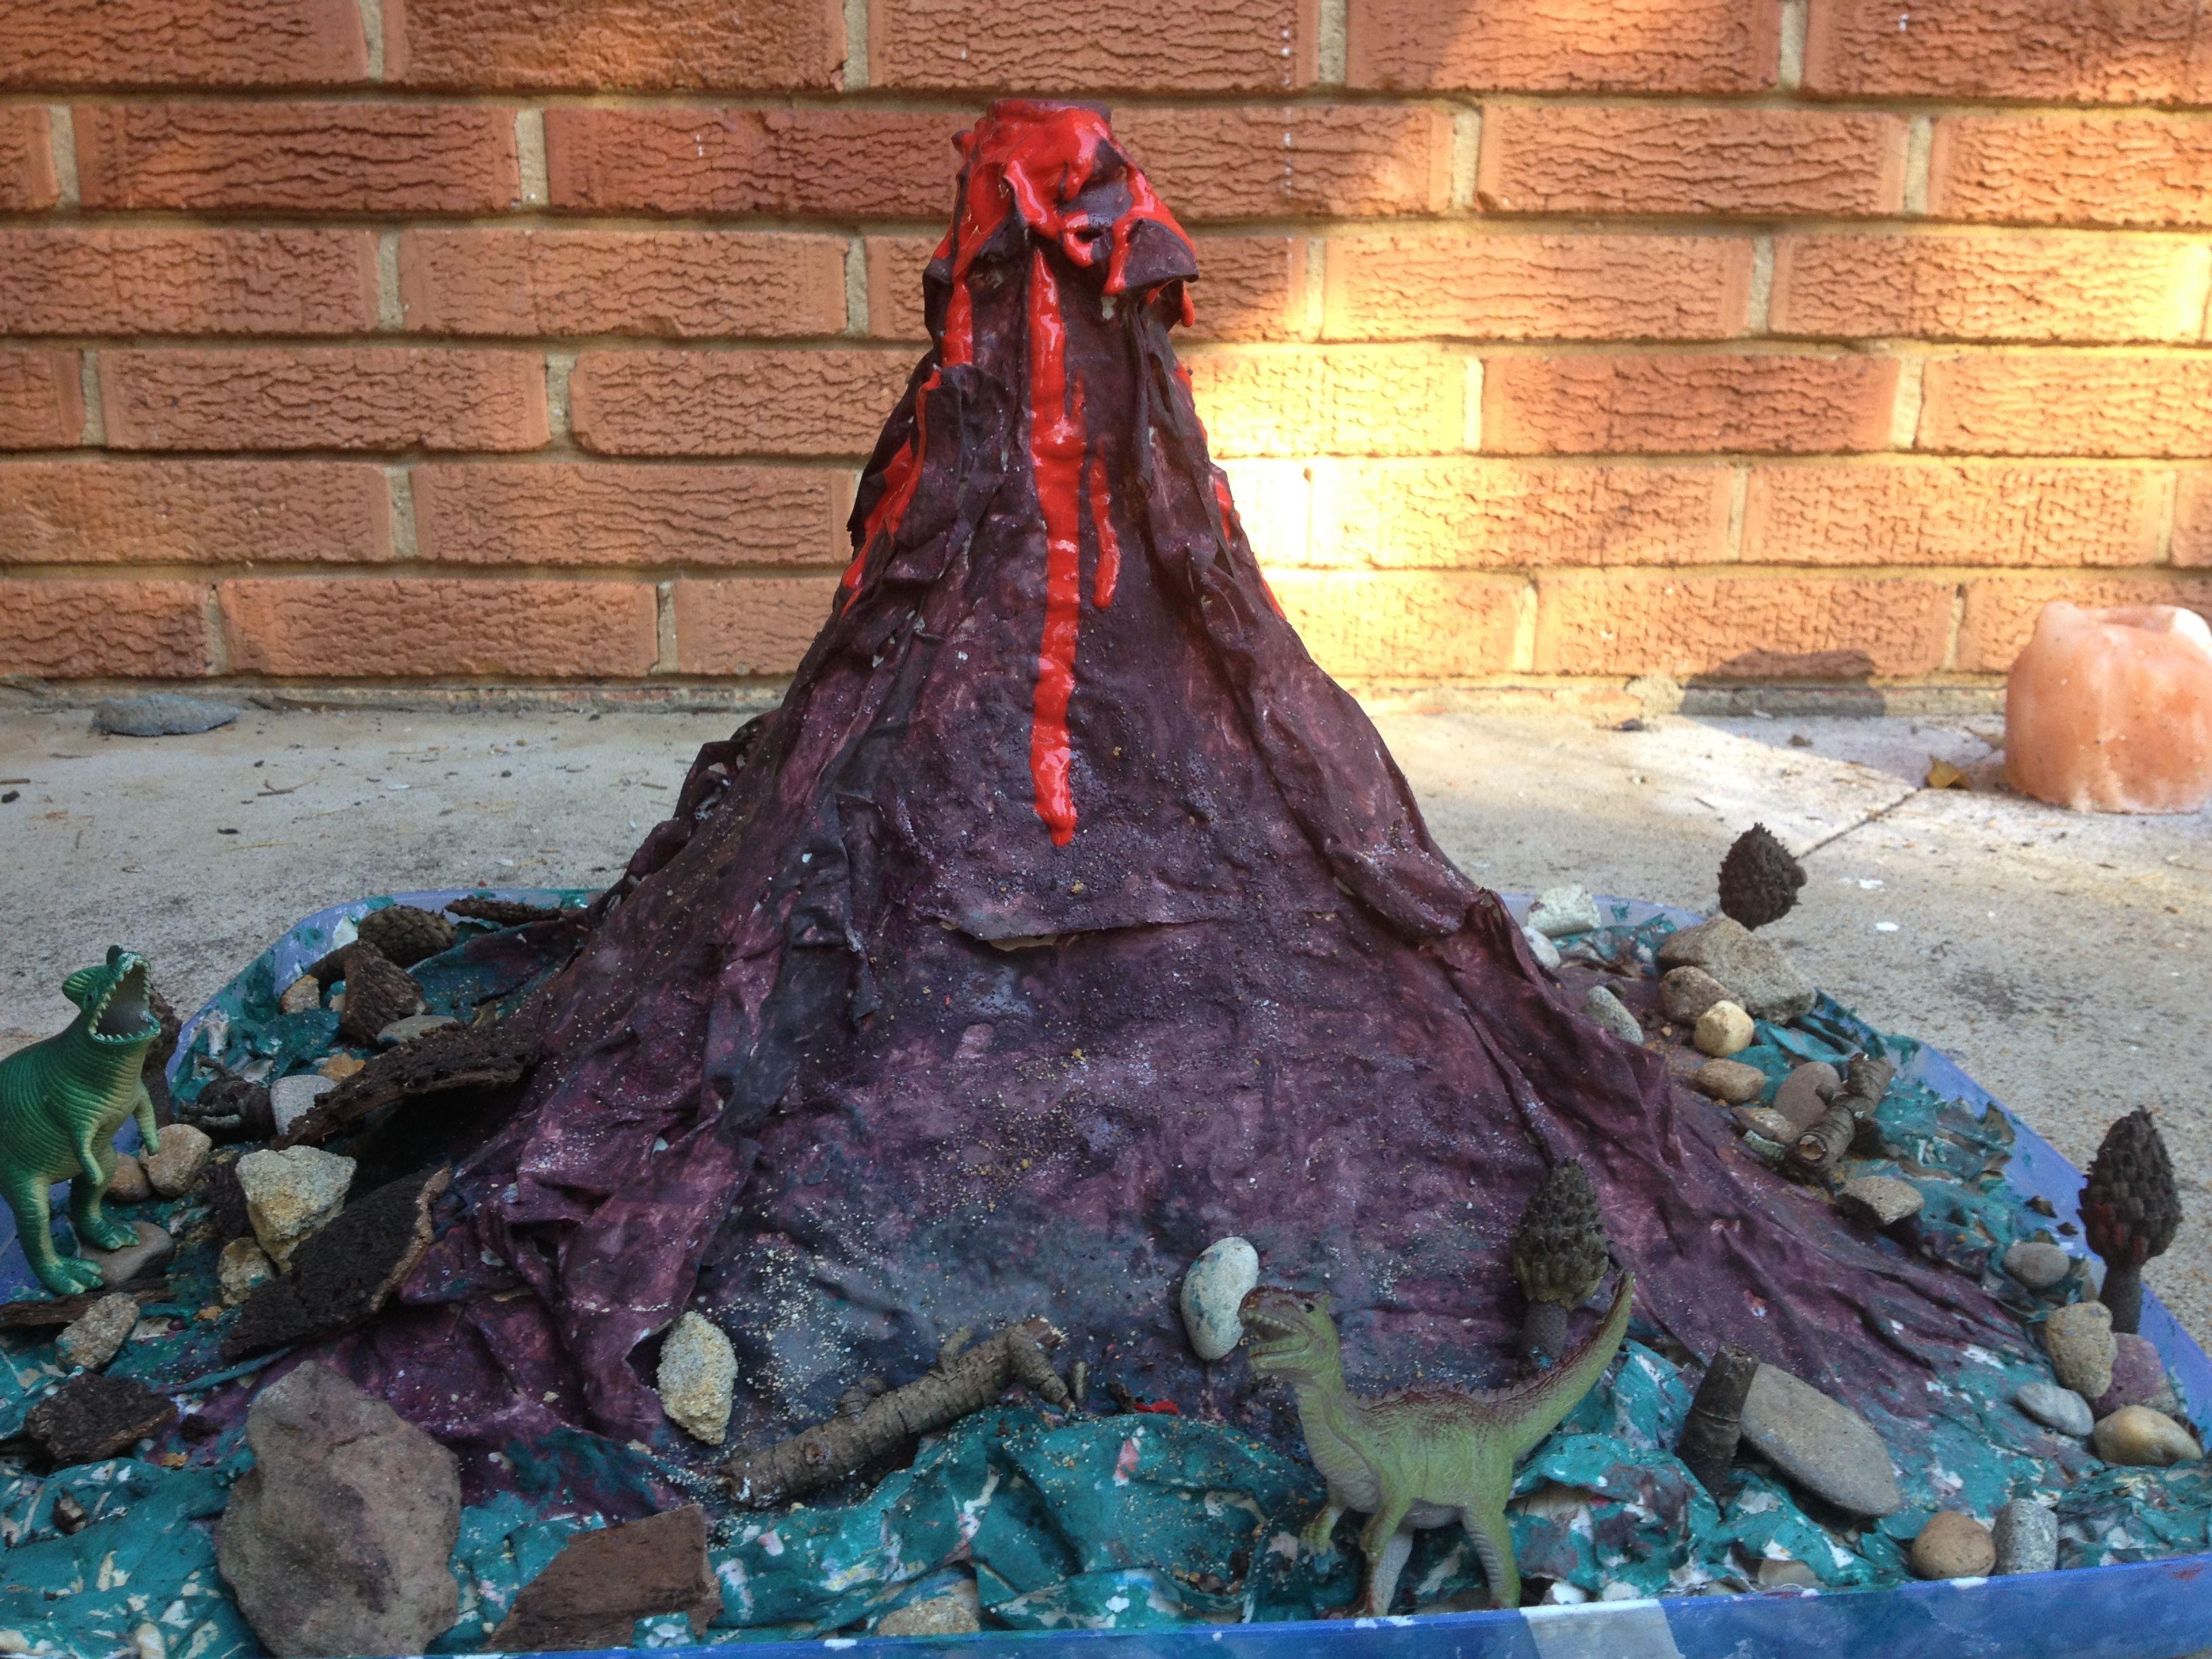 Home Made Volcano